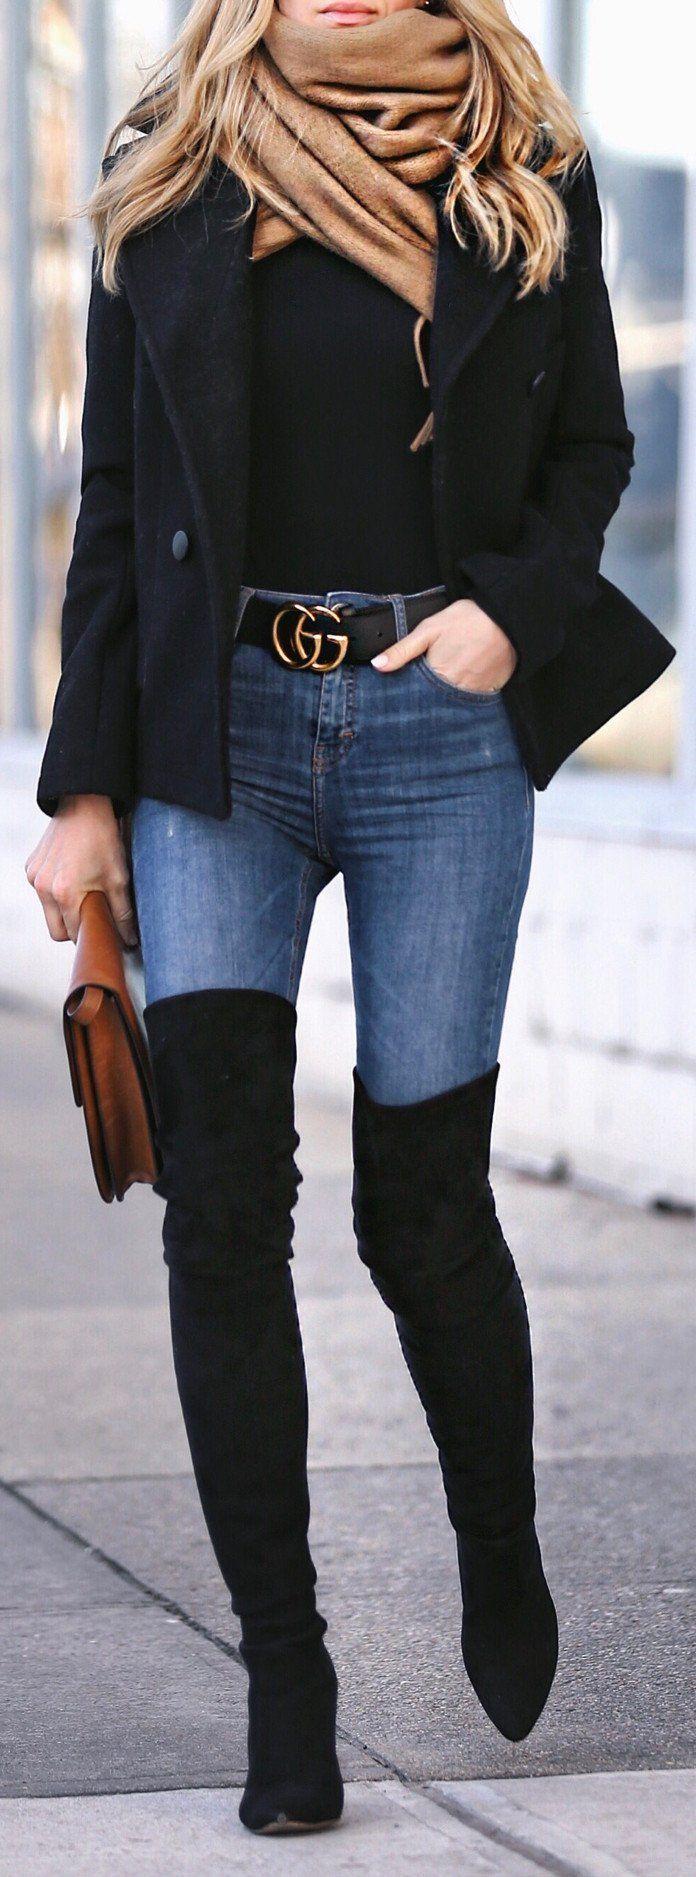 Avoir du style en hiver : 80 astuces pour bien s'habiller en hiver